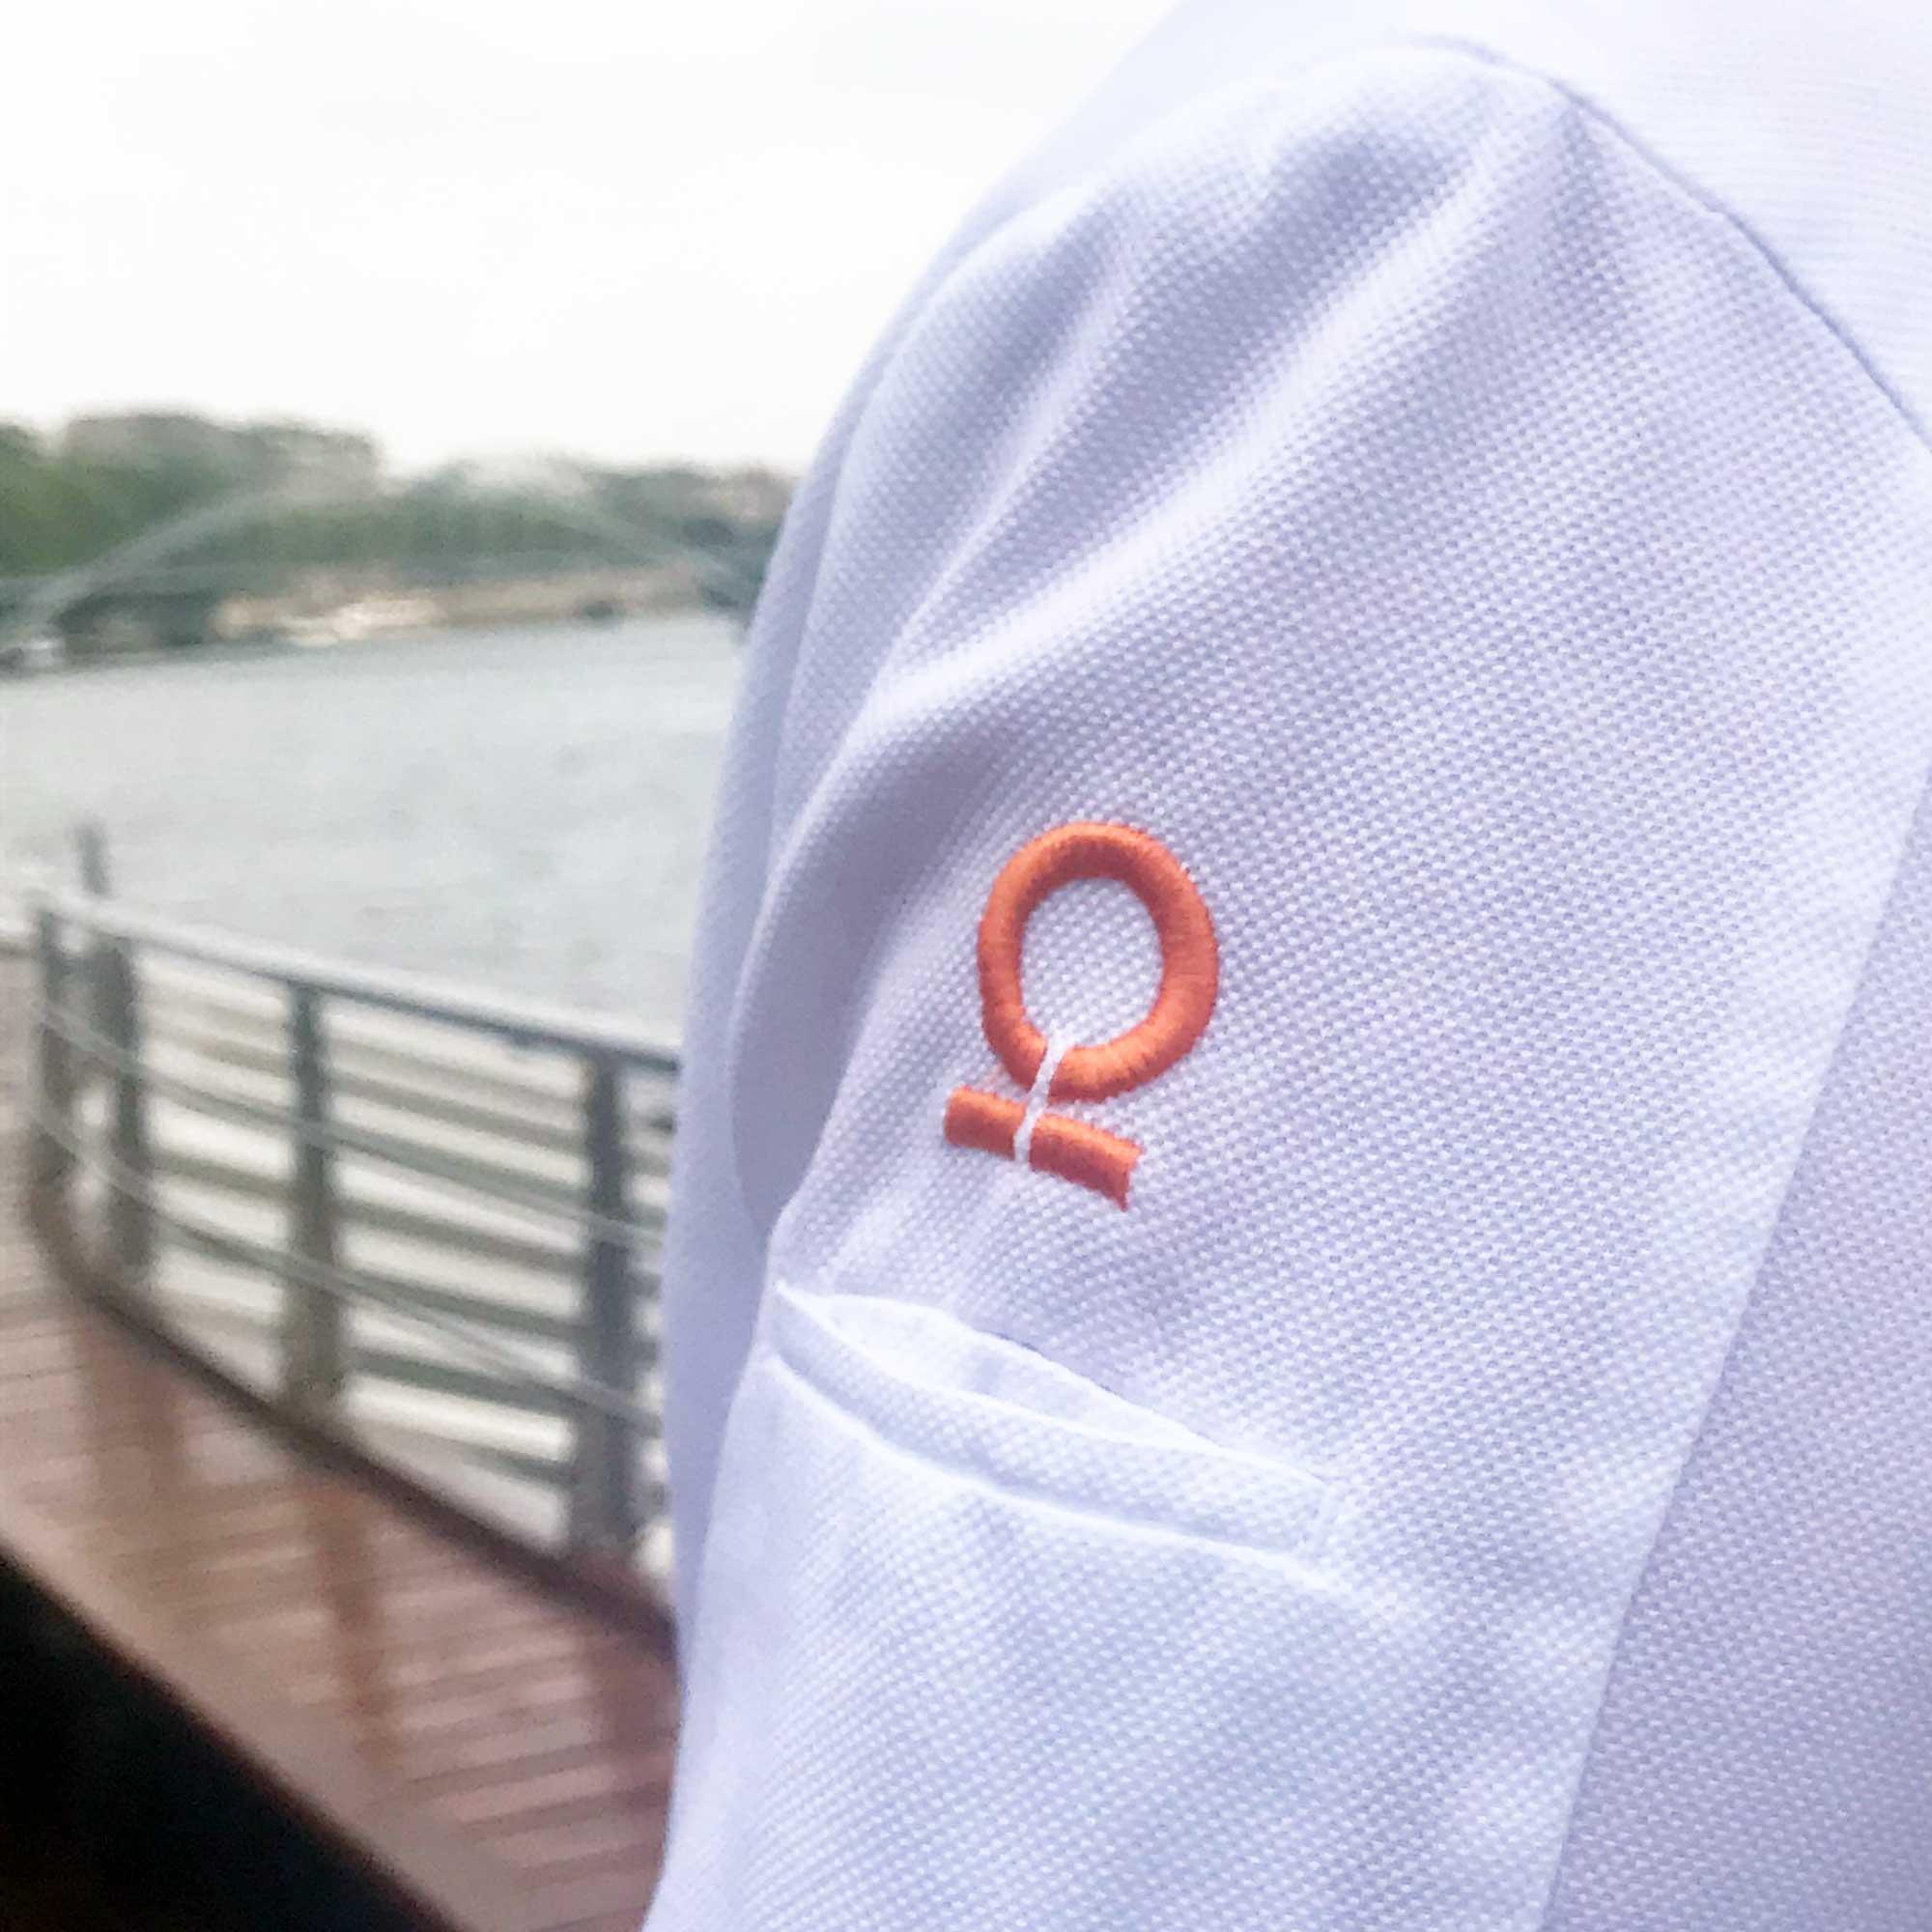 Épaule d'une veste de cuisiniers blanche avec un logo oméga orange